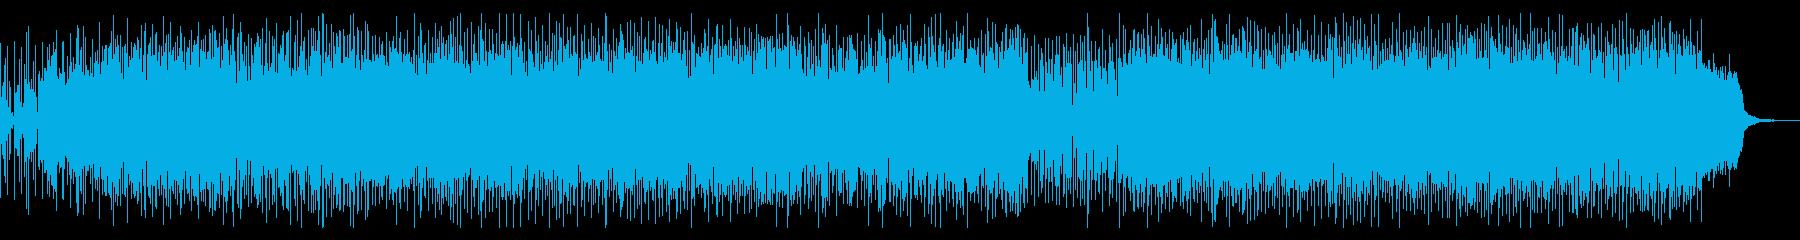 80年代ディスコファンク風フュージョンの再生済みの波形